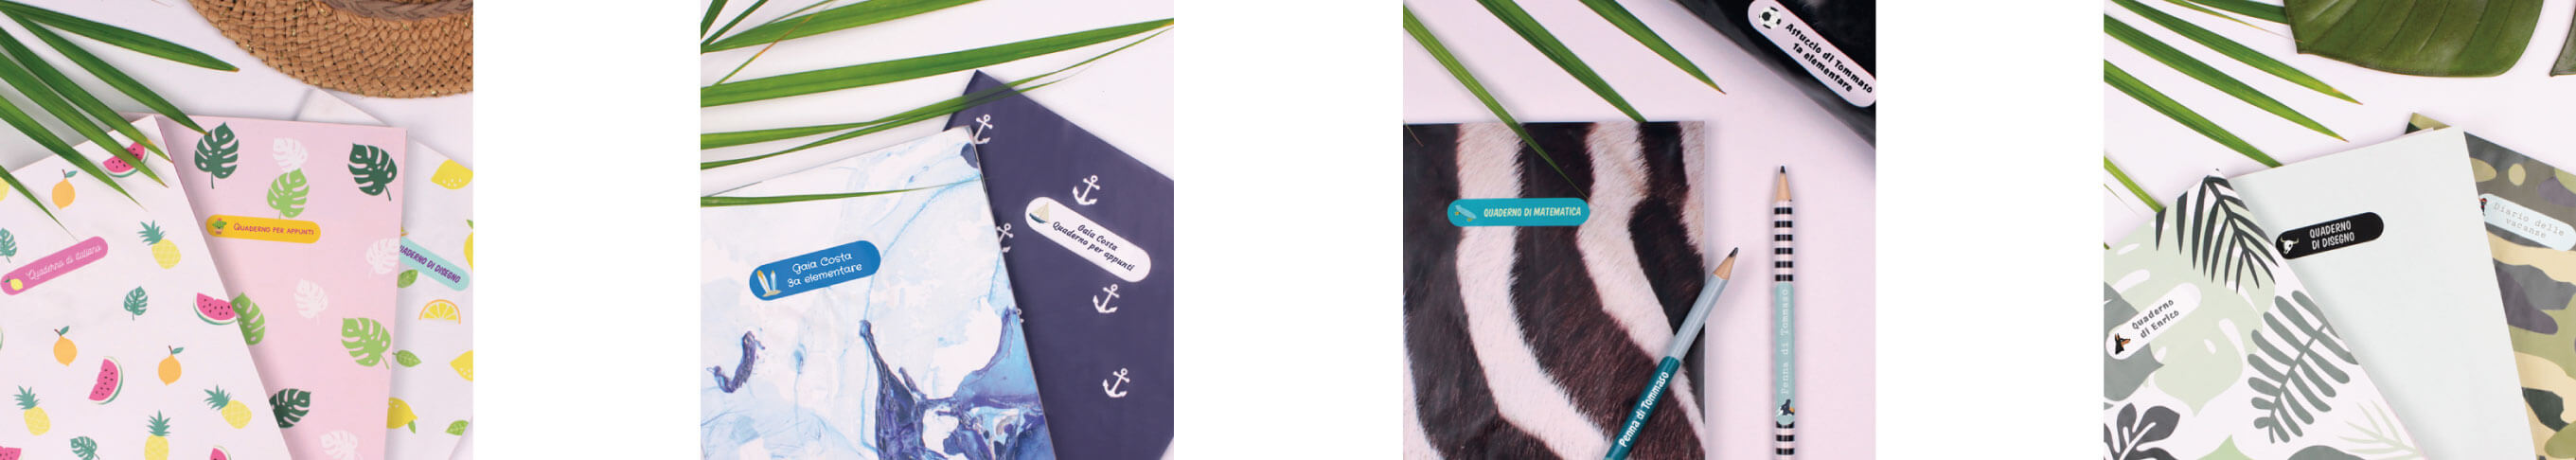 Pacchetto etichette per libri scuola